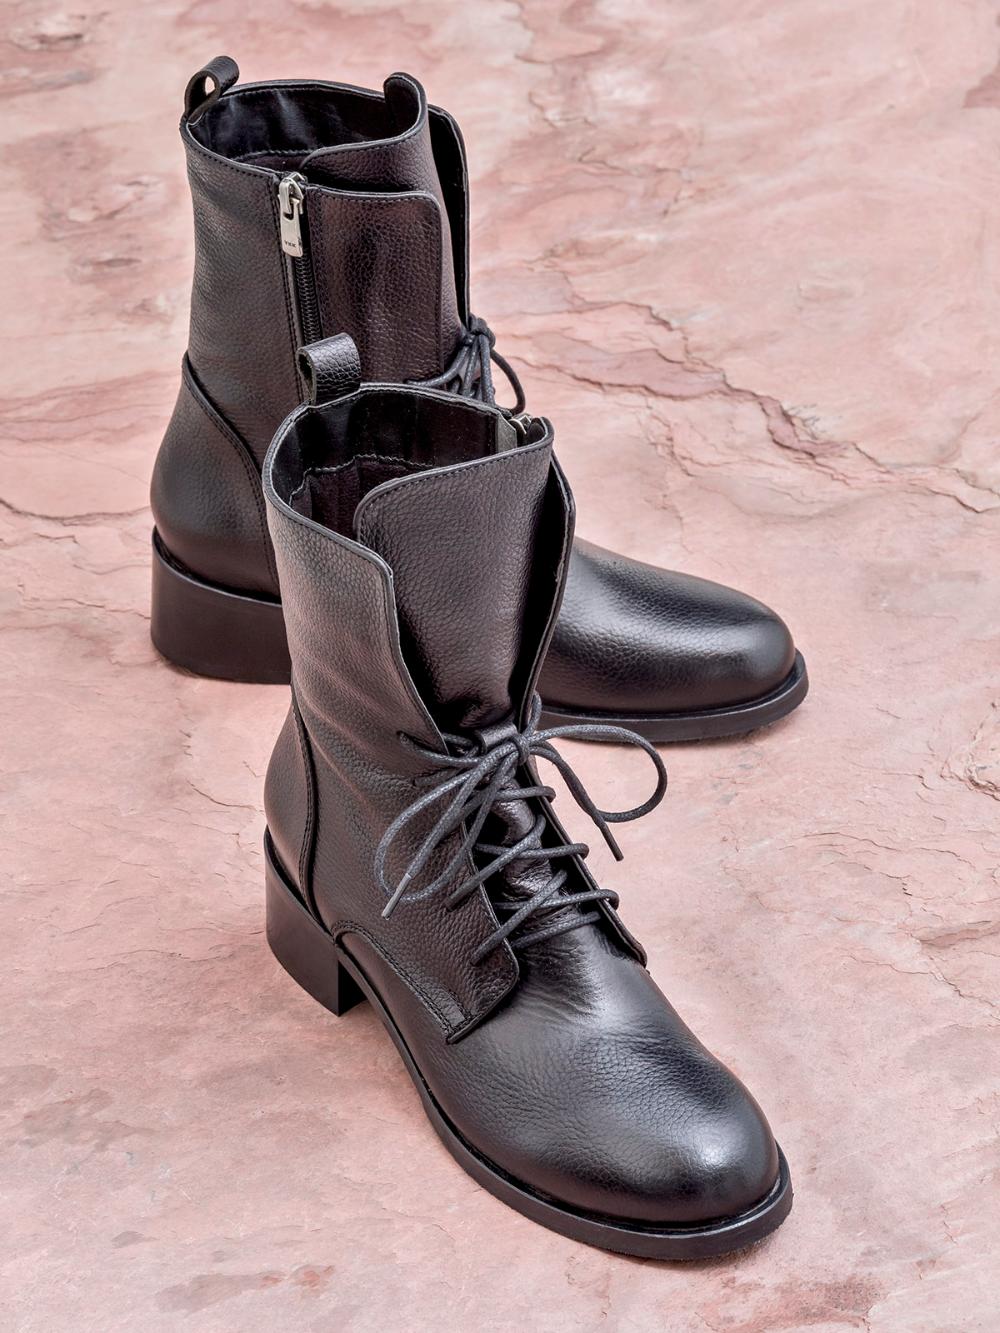 Bayan Bot Modelleri Ve Bot Fiyatlari Elle Shoes Sayfa 2 Bot Cizmeler Topuklular